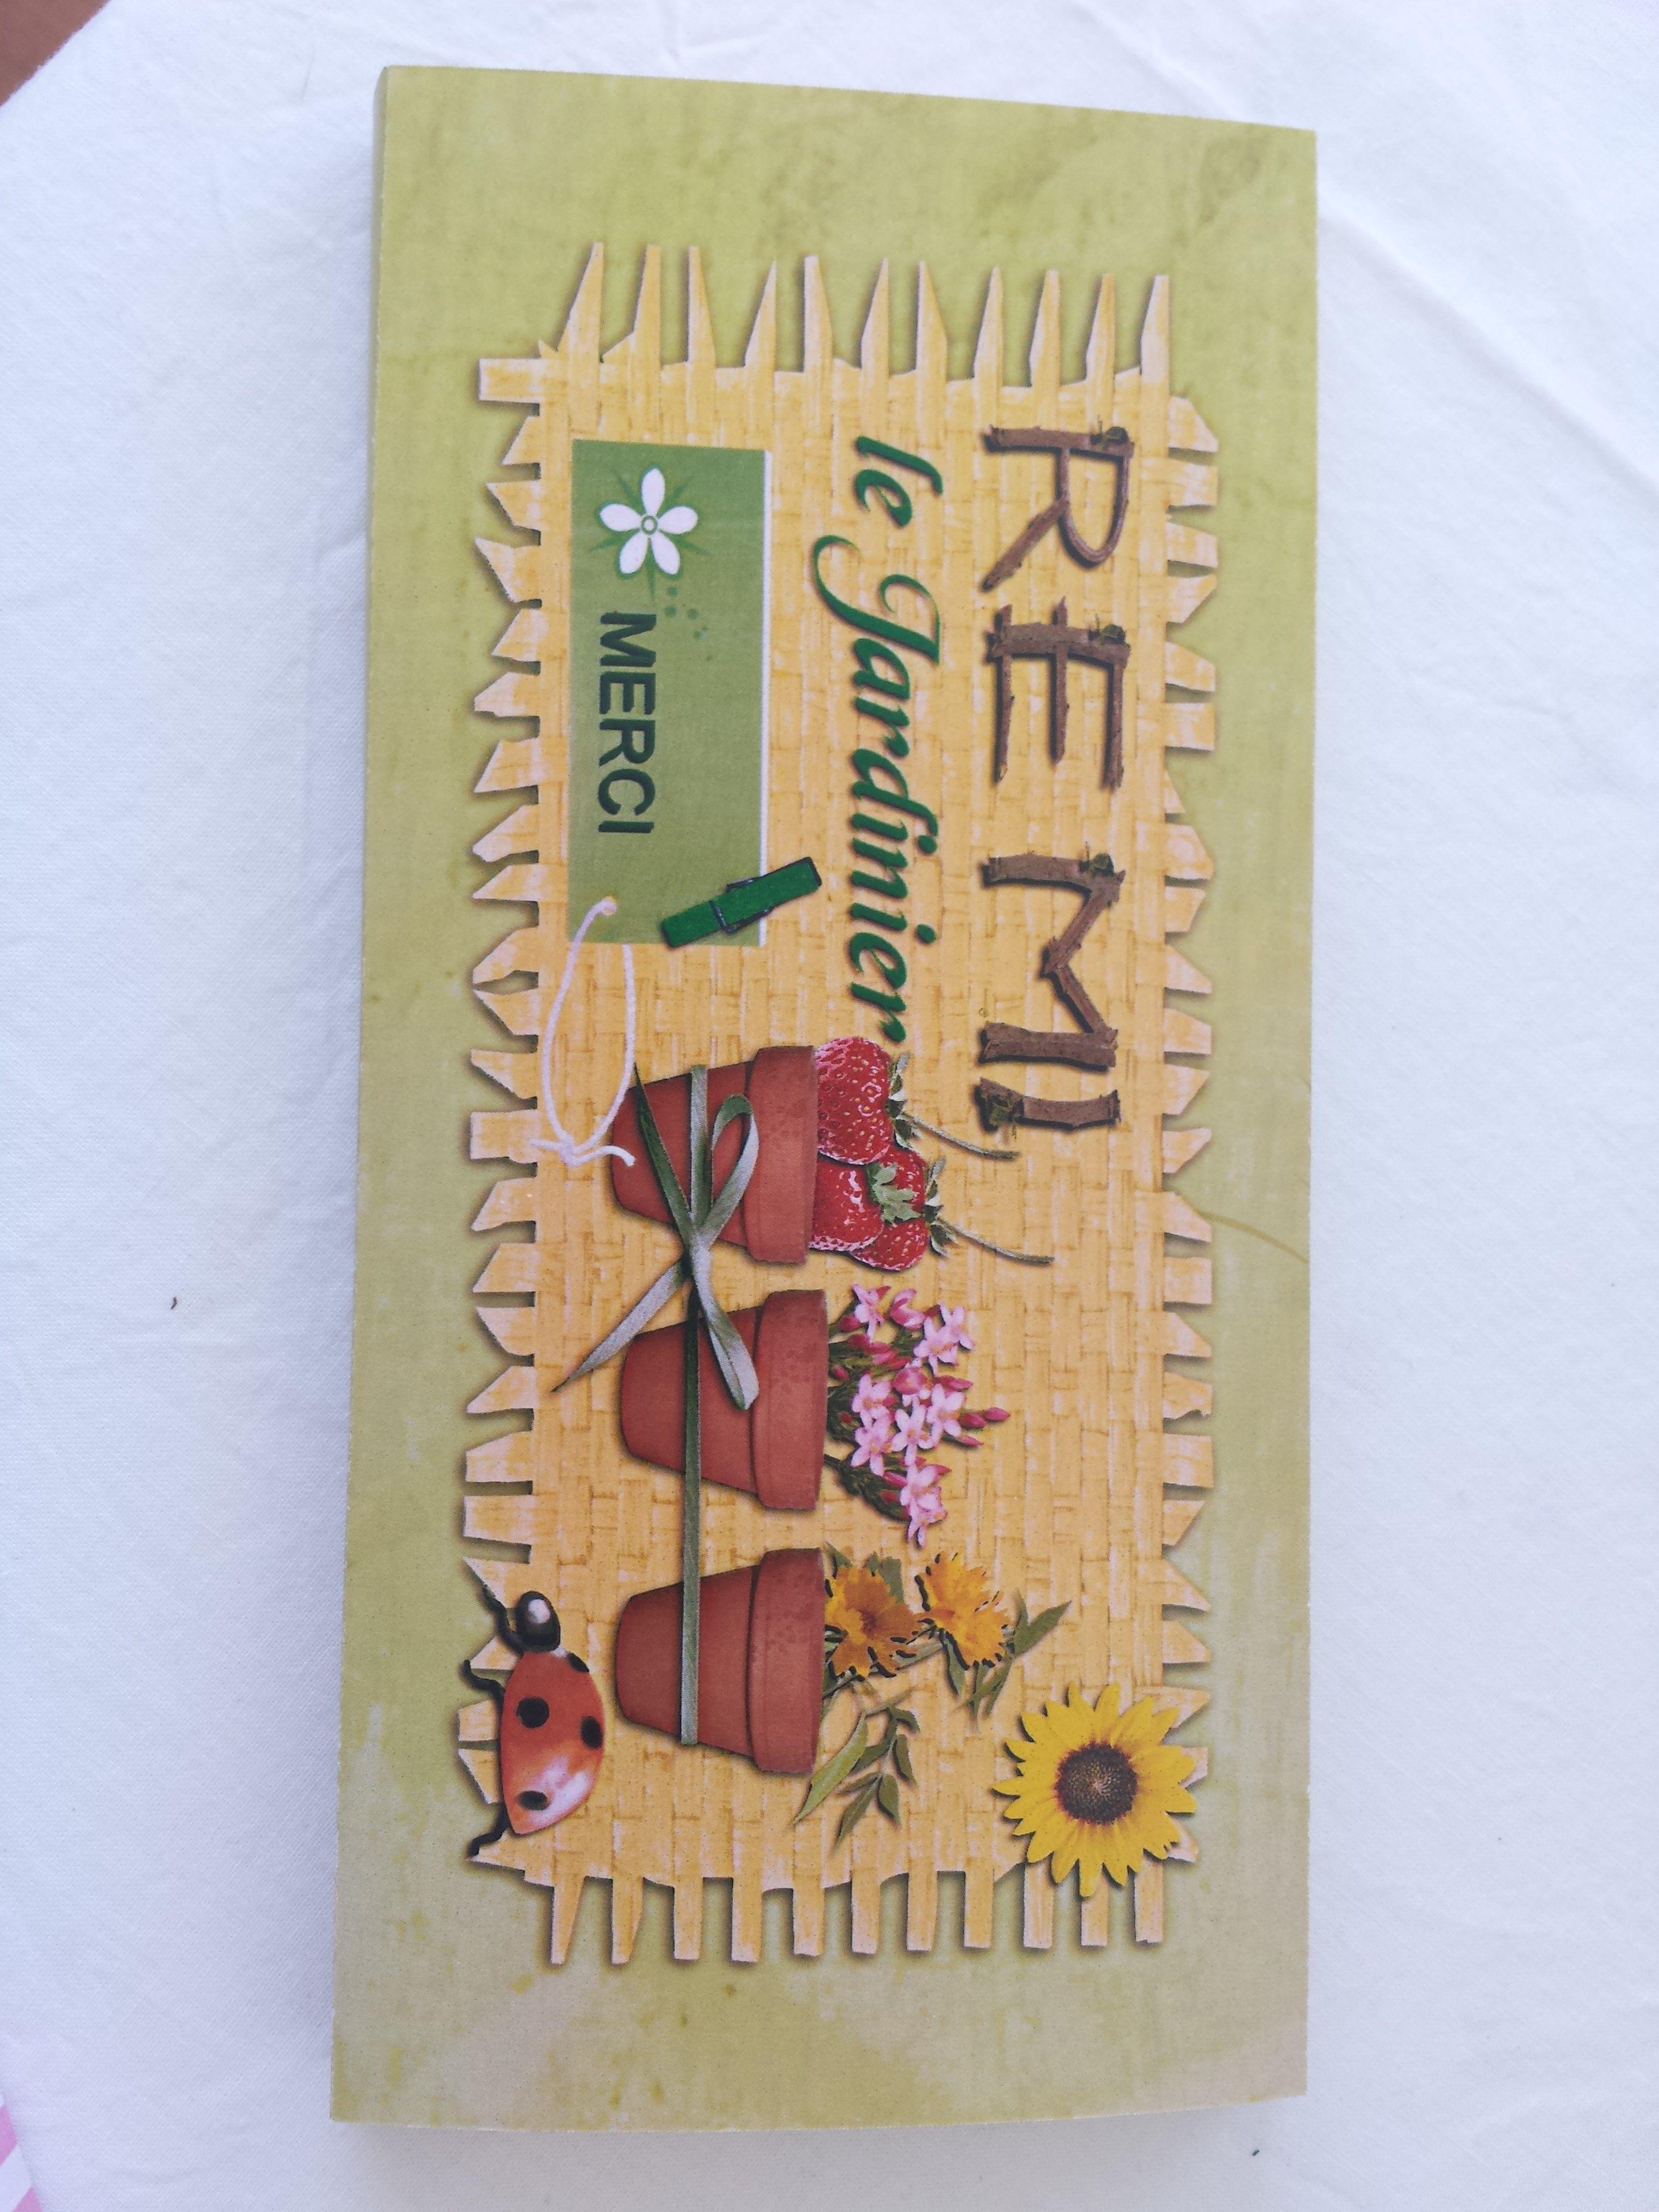 Jaquette plaque de chocolat réalisée avec Studi-Scrap 5